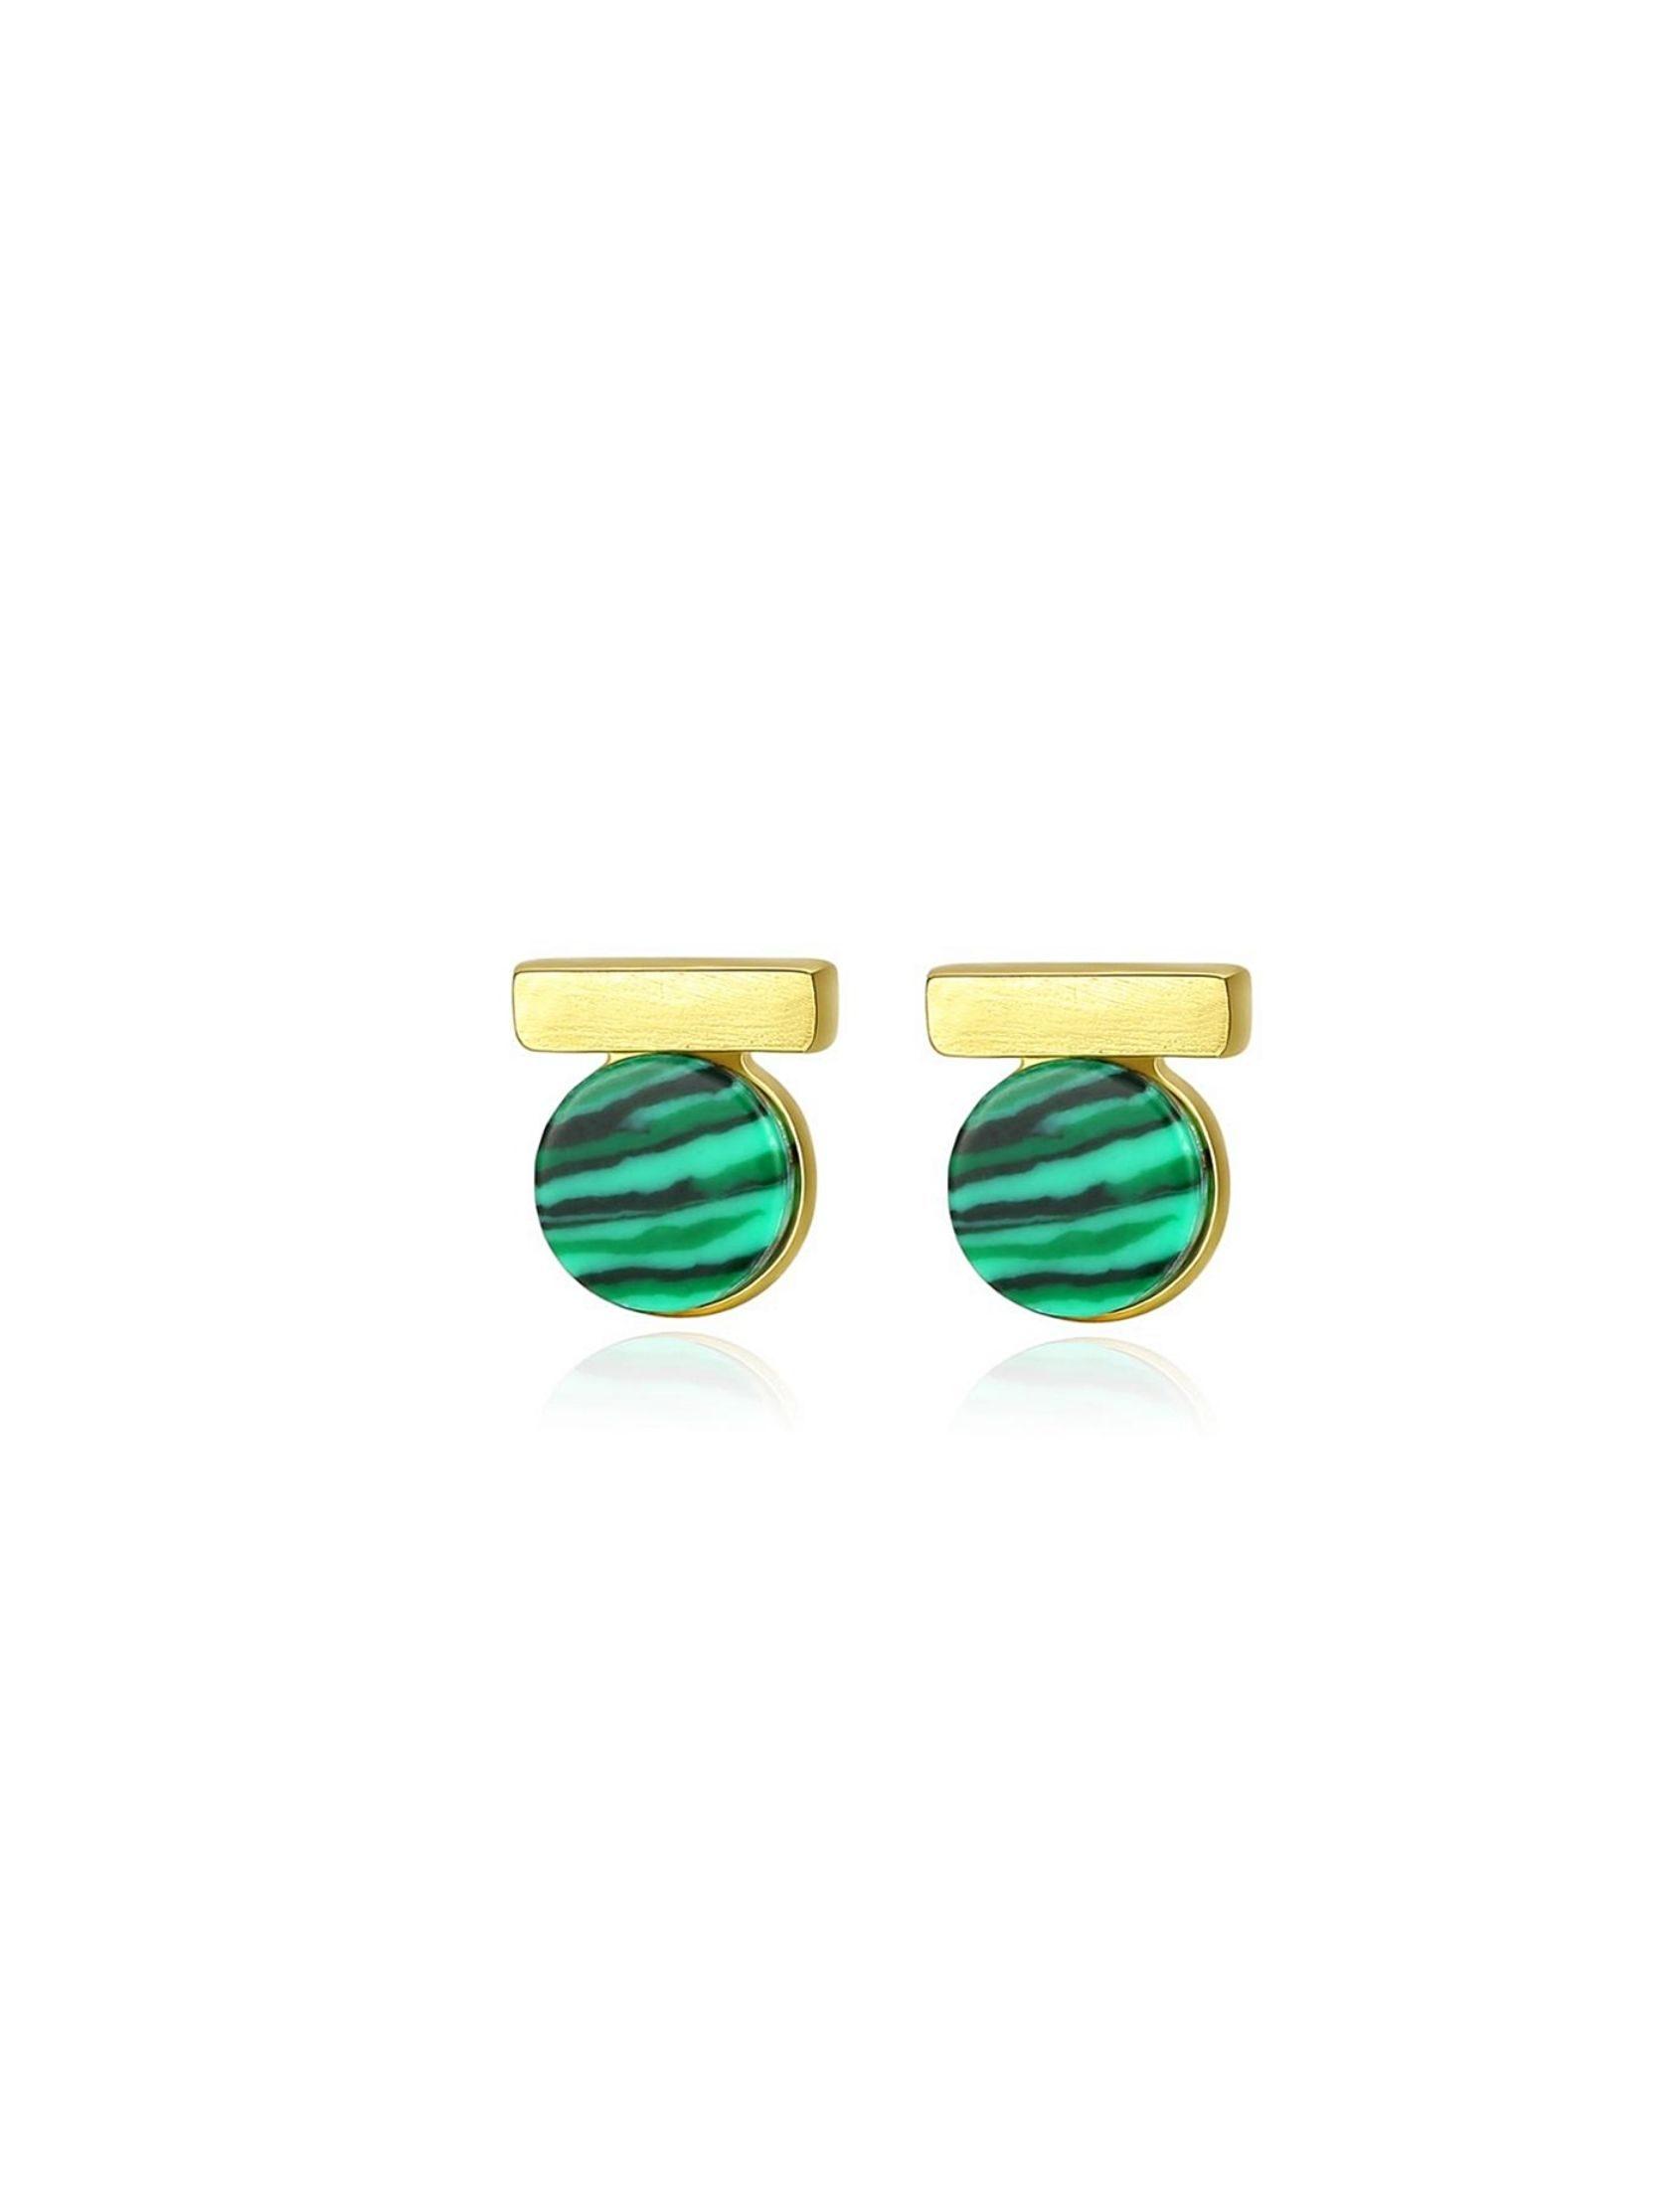 pendientes oro victoria amazonica con malaquita verde marmolada en forma redondeada